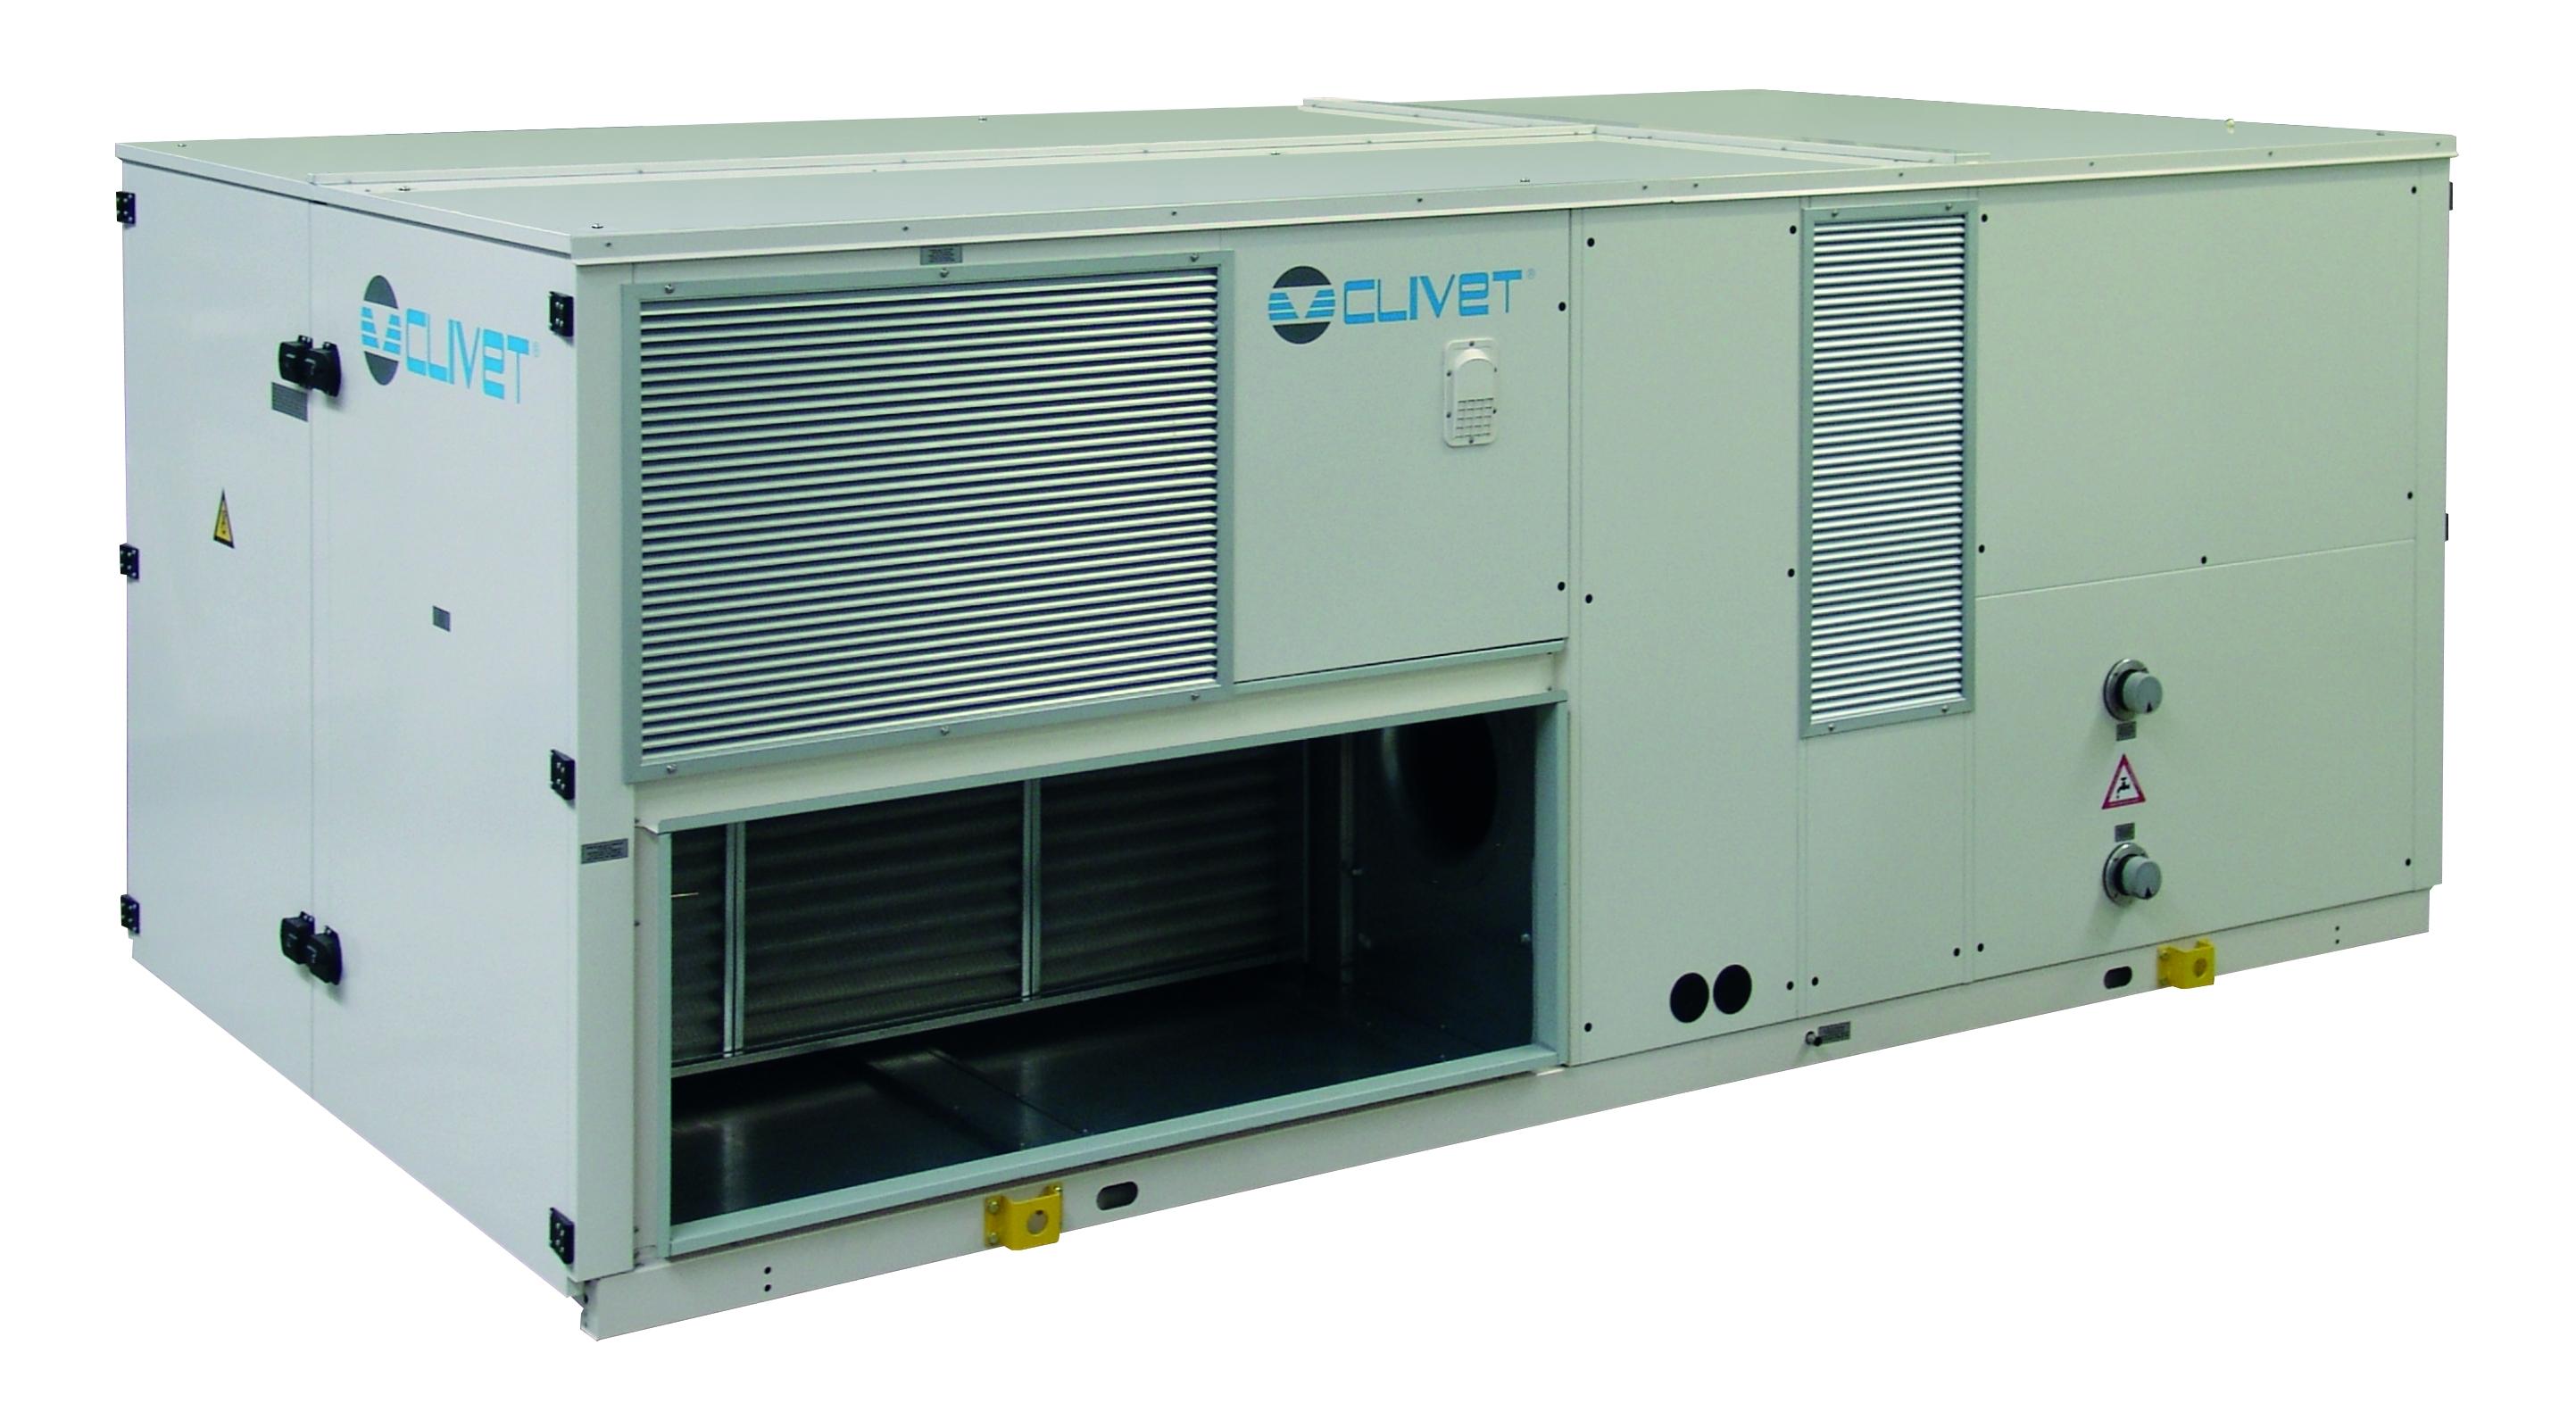 CLIVETPack2<br/>CRH-XHE2 49.4 – 110.4 • Airview Luchtbehandeling